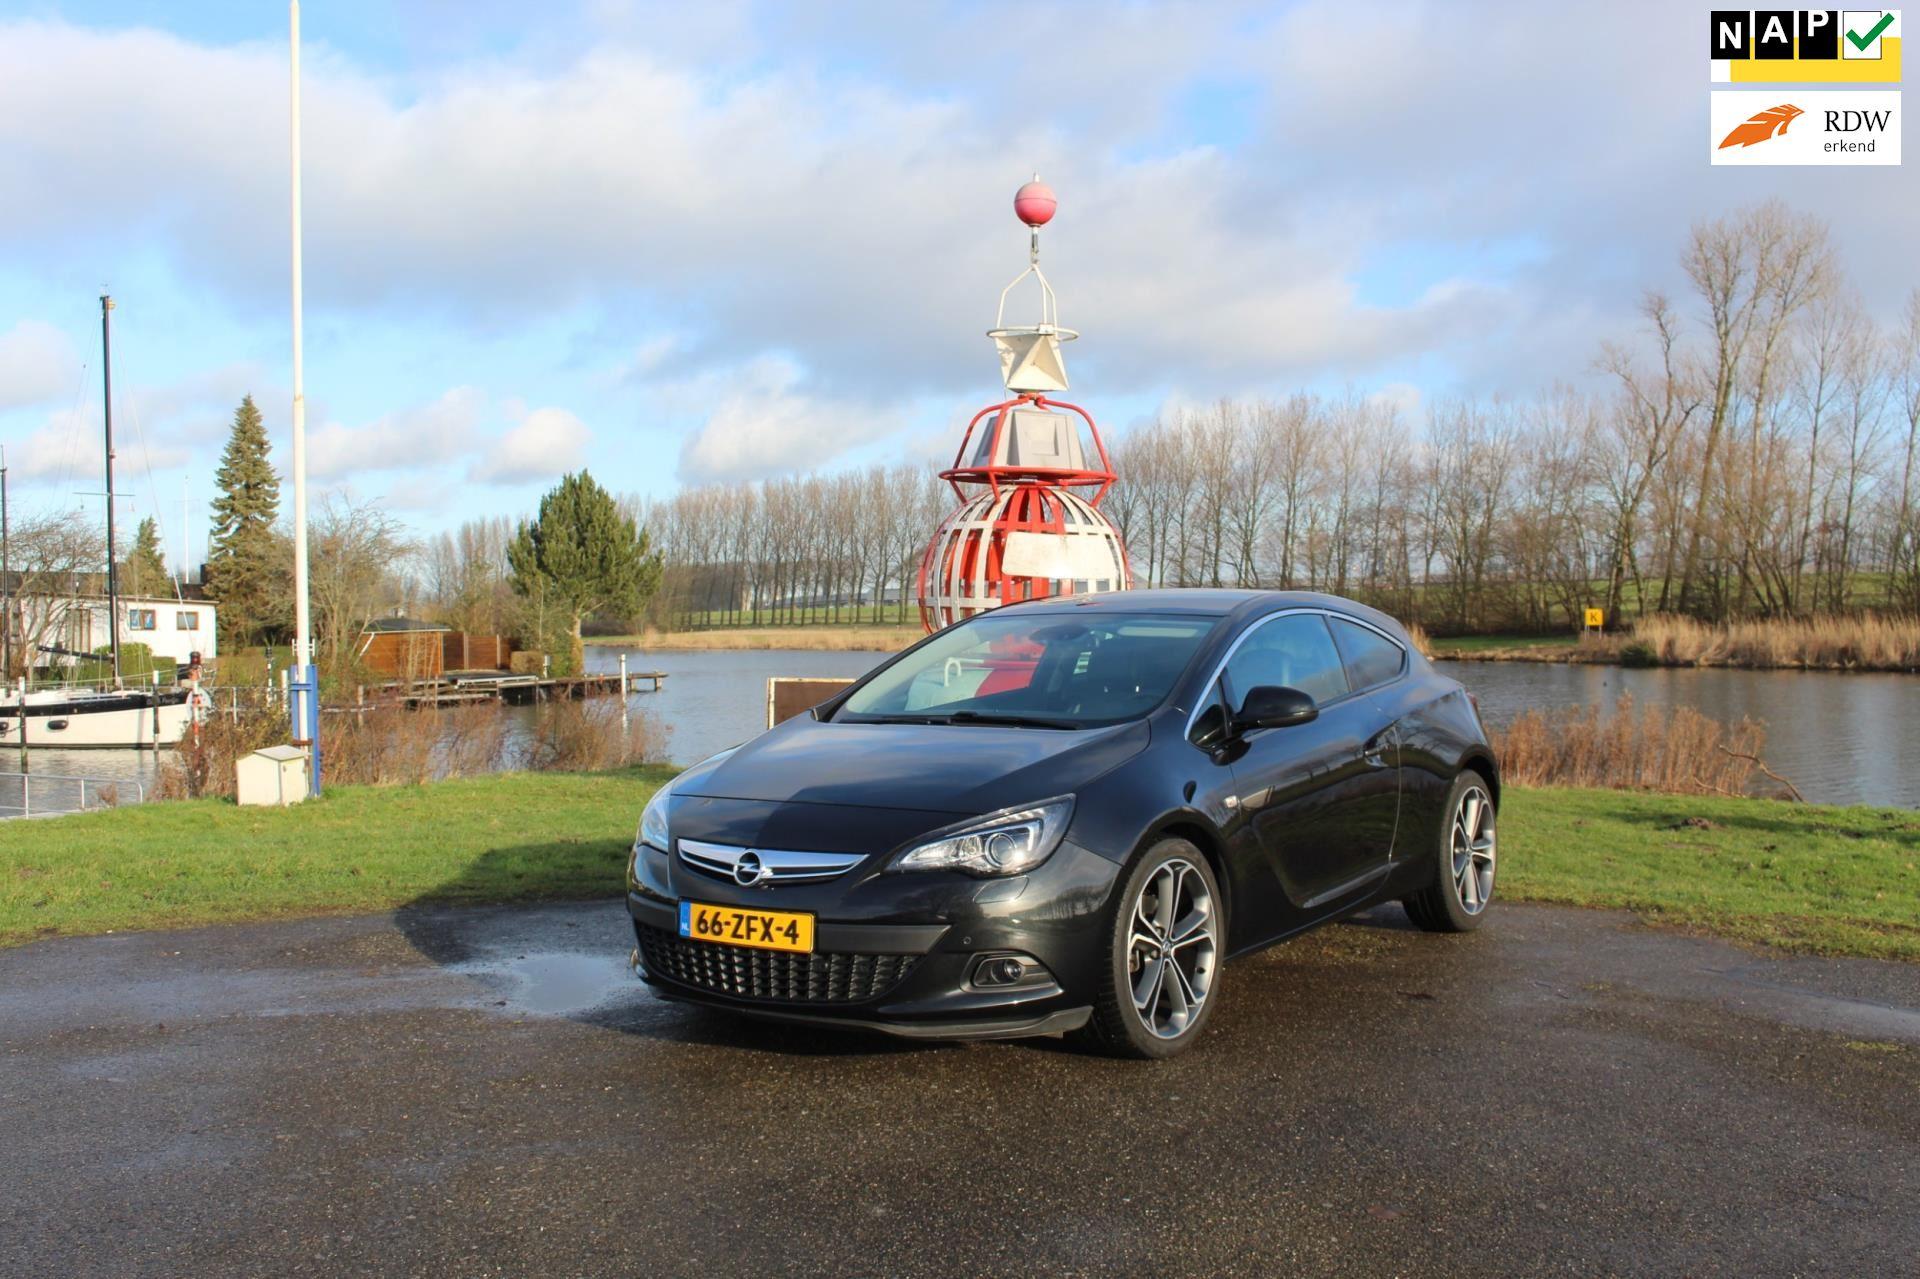 Opel Astra GTC occasion - Van Vliet Auto's